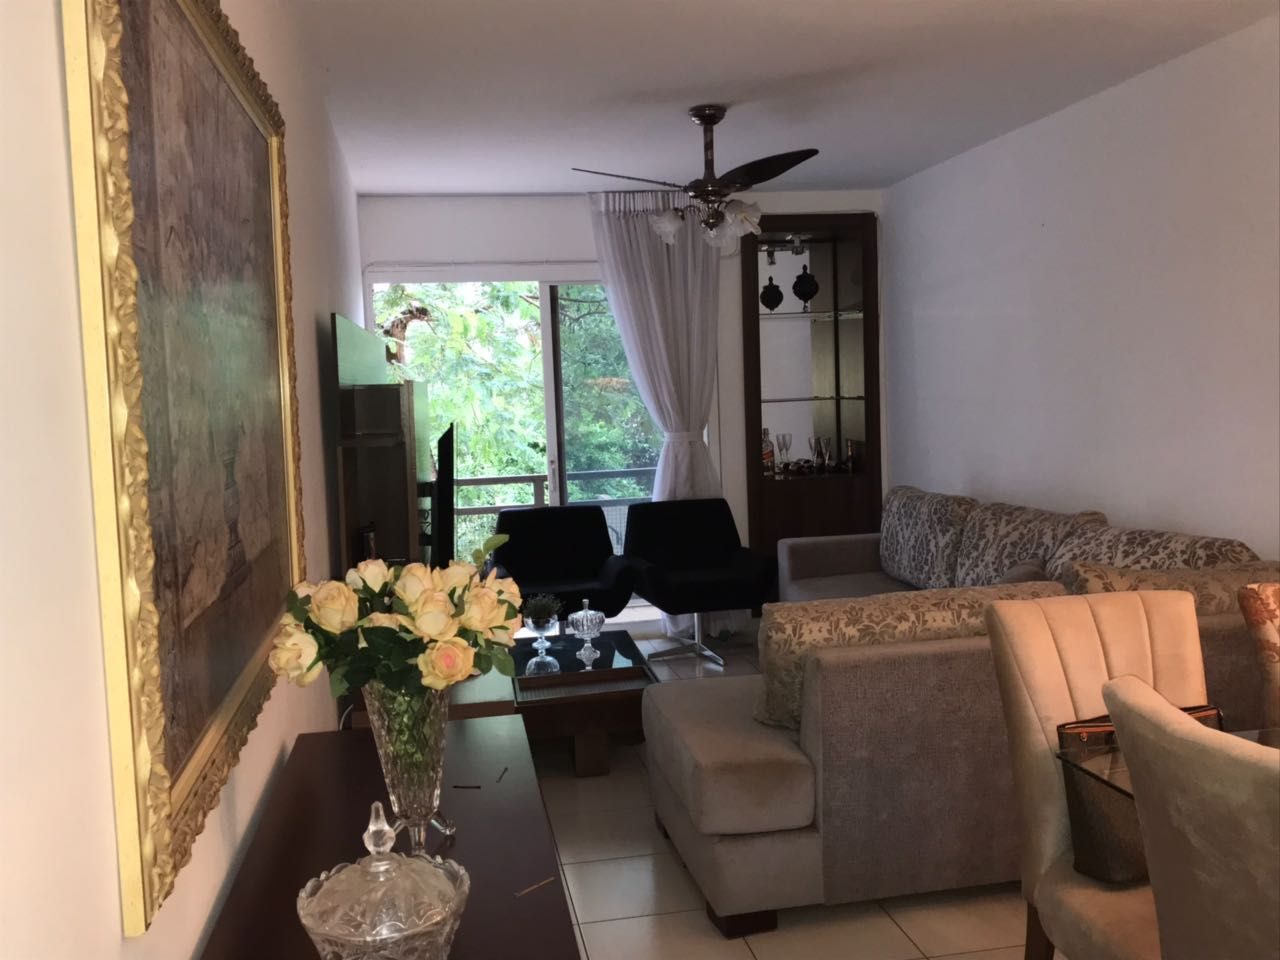 268 - Apto Jardim Iguatemi 83 m²